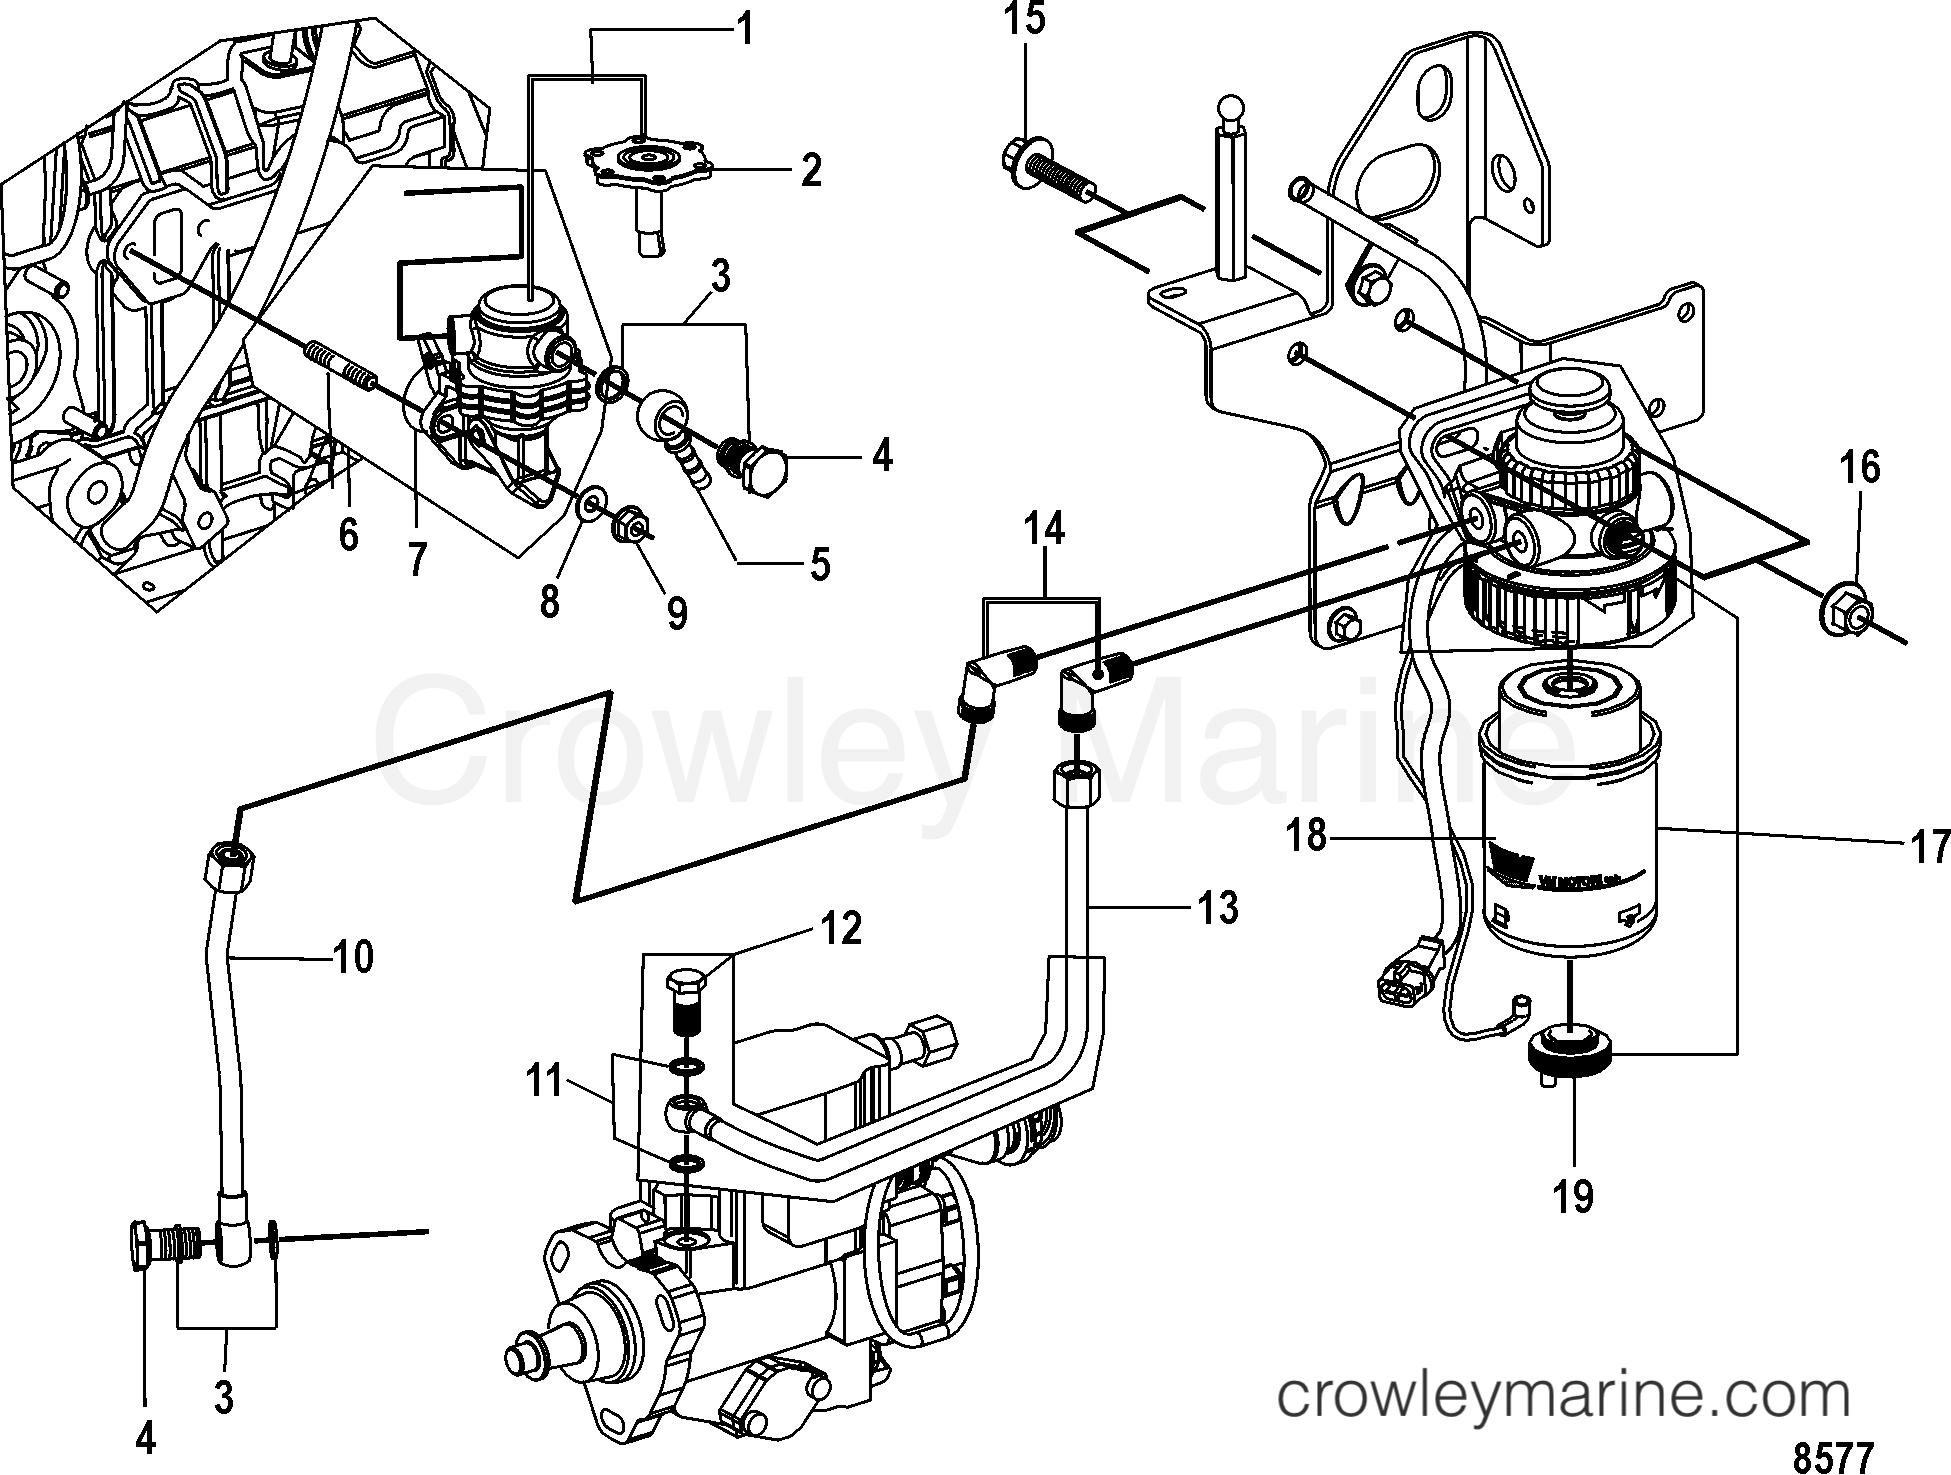 1998 Mercruiser 2.8L QSD [ES 200] - 40280001D - FUEL PUMP AND FUEL